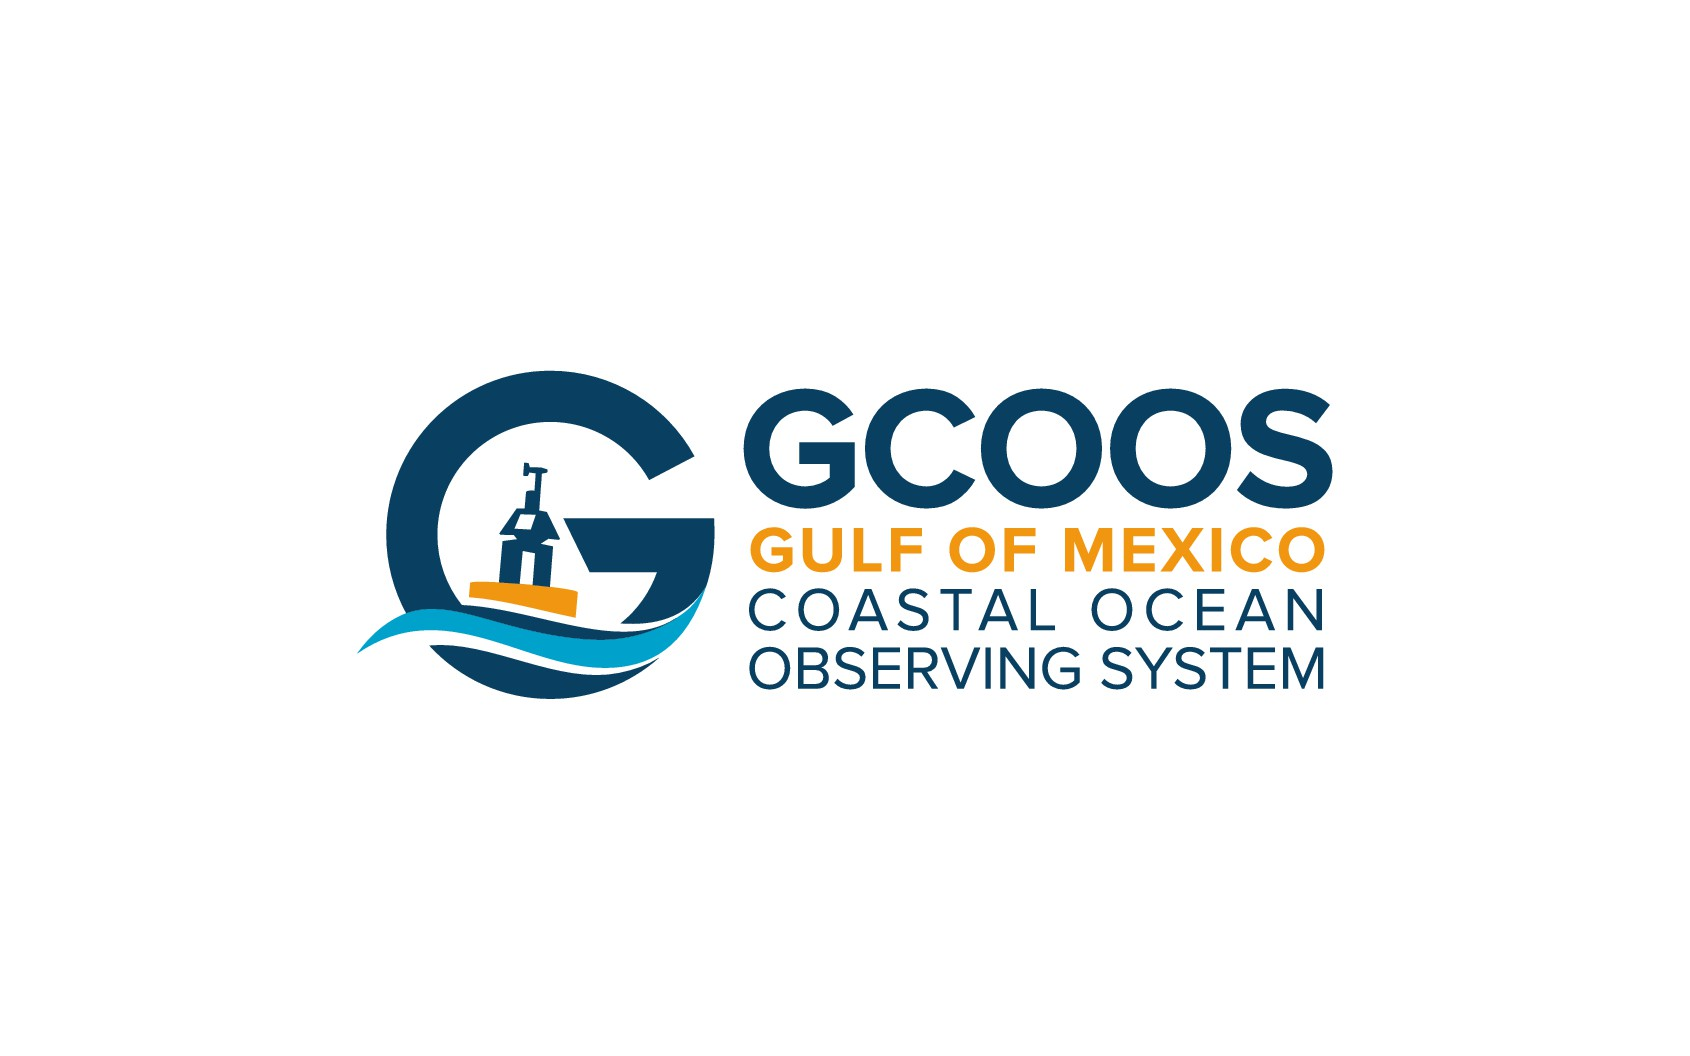 Cool ocean data organization needs a new logo